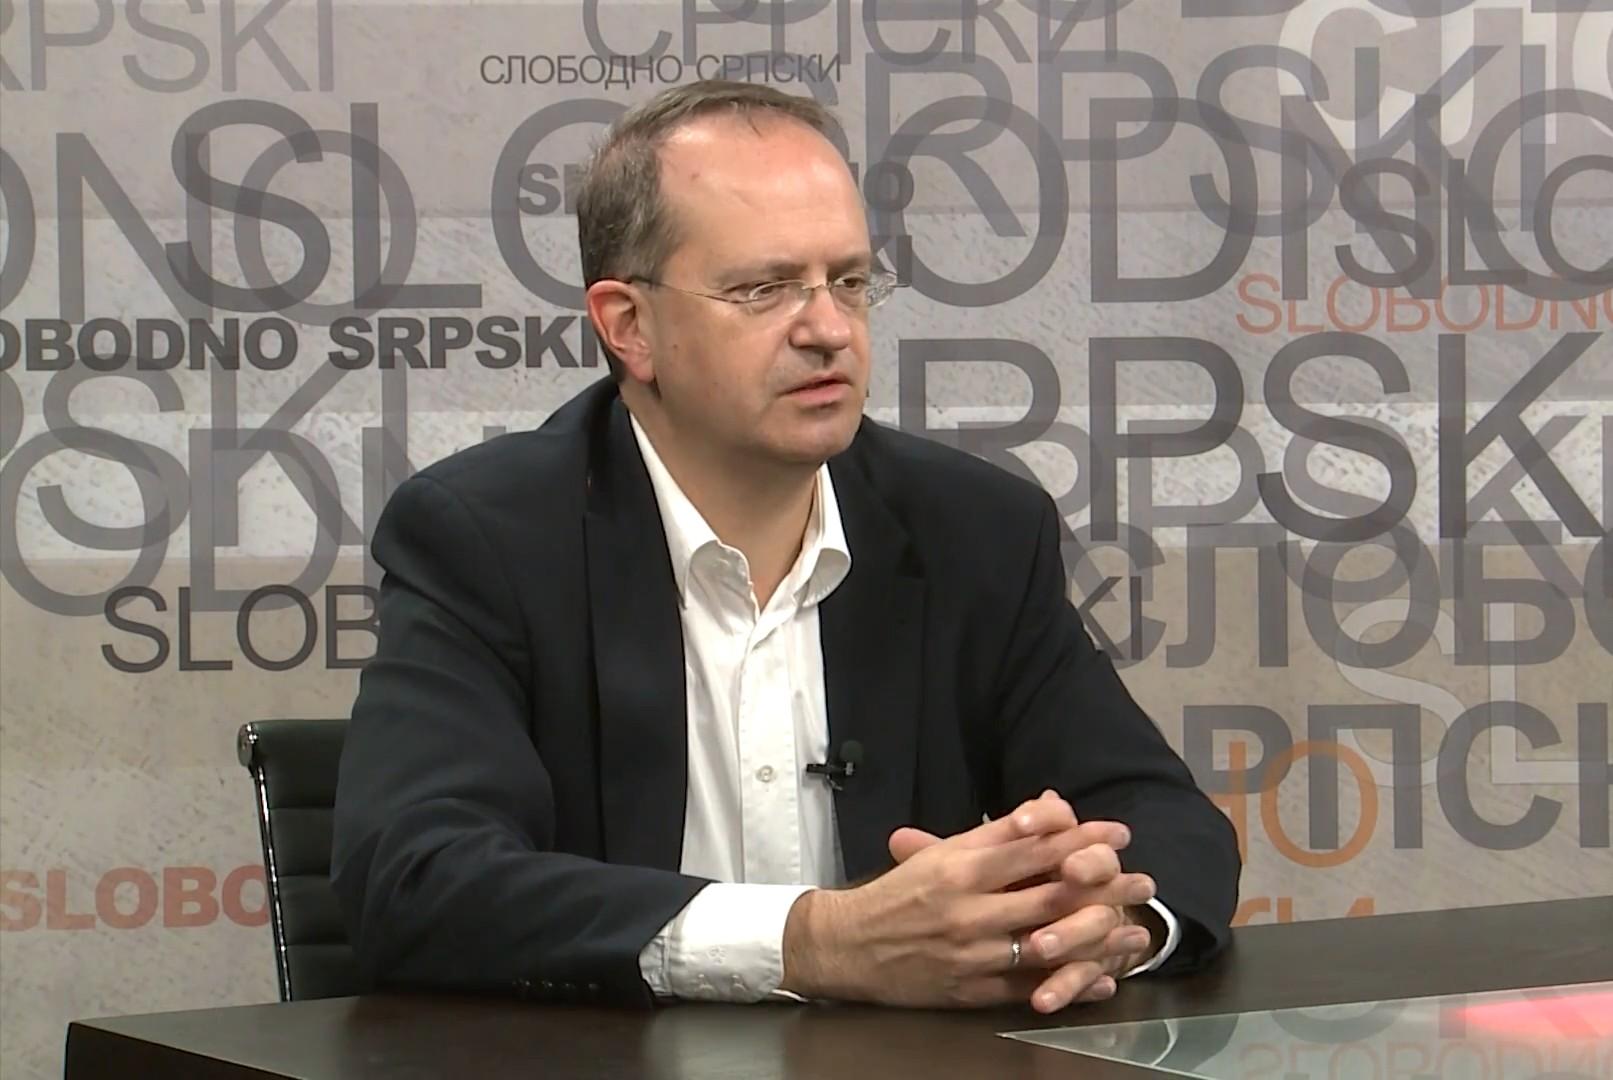 Bodo Veber (Foto: Snimak ekrana/Jutjub)